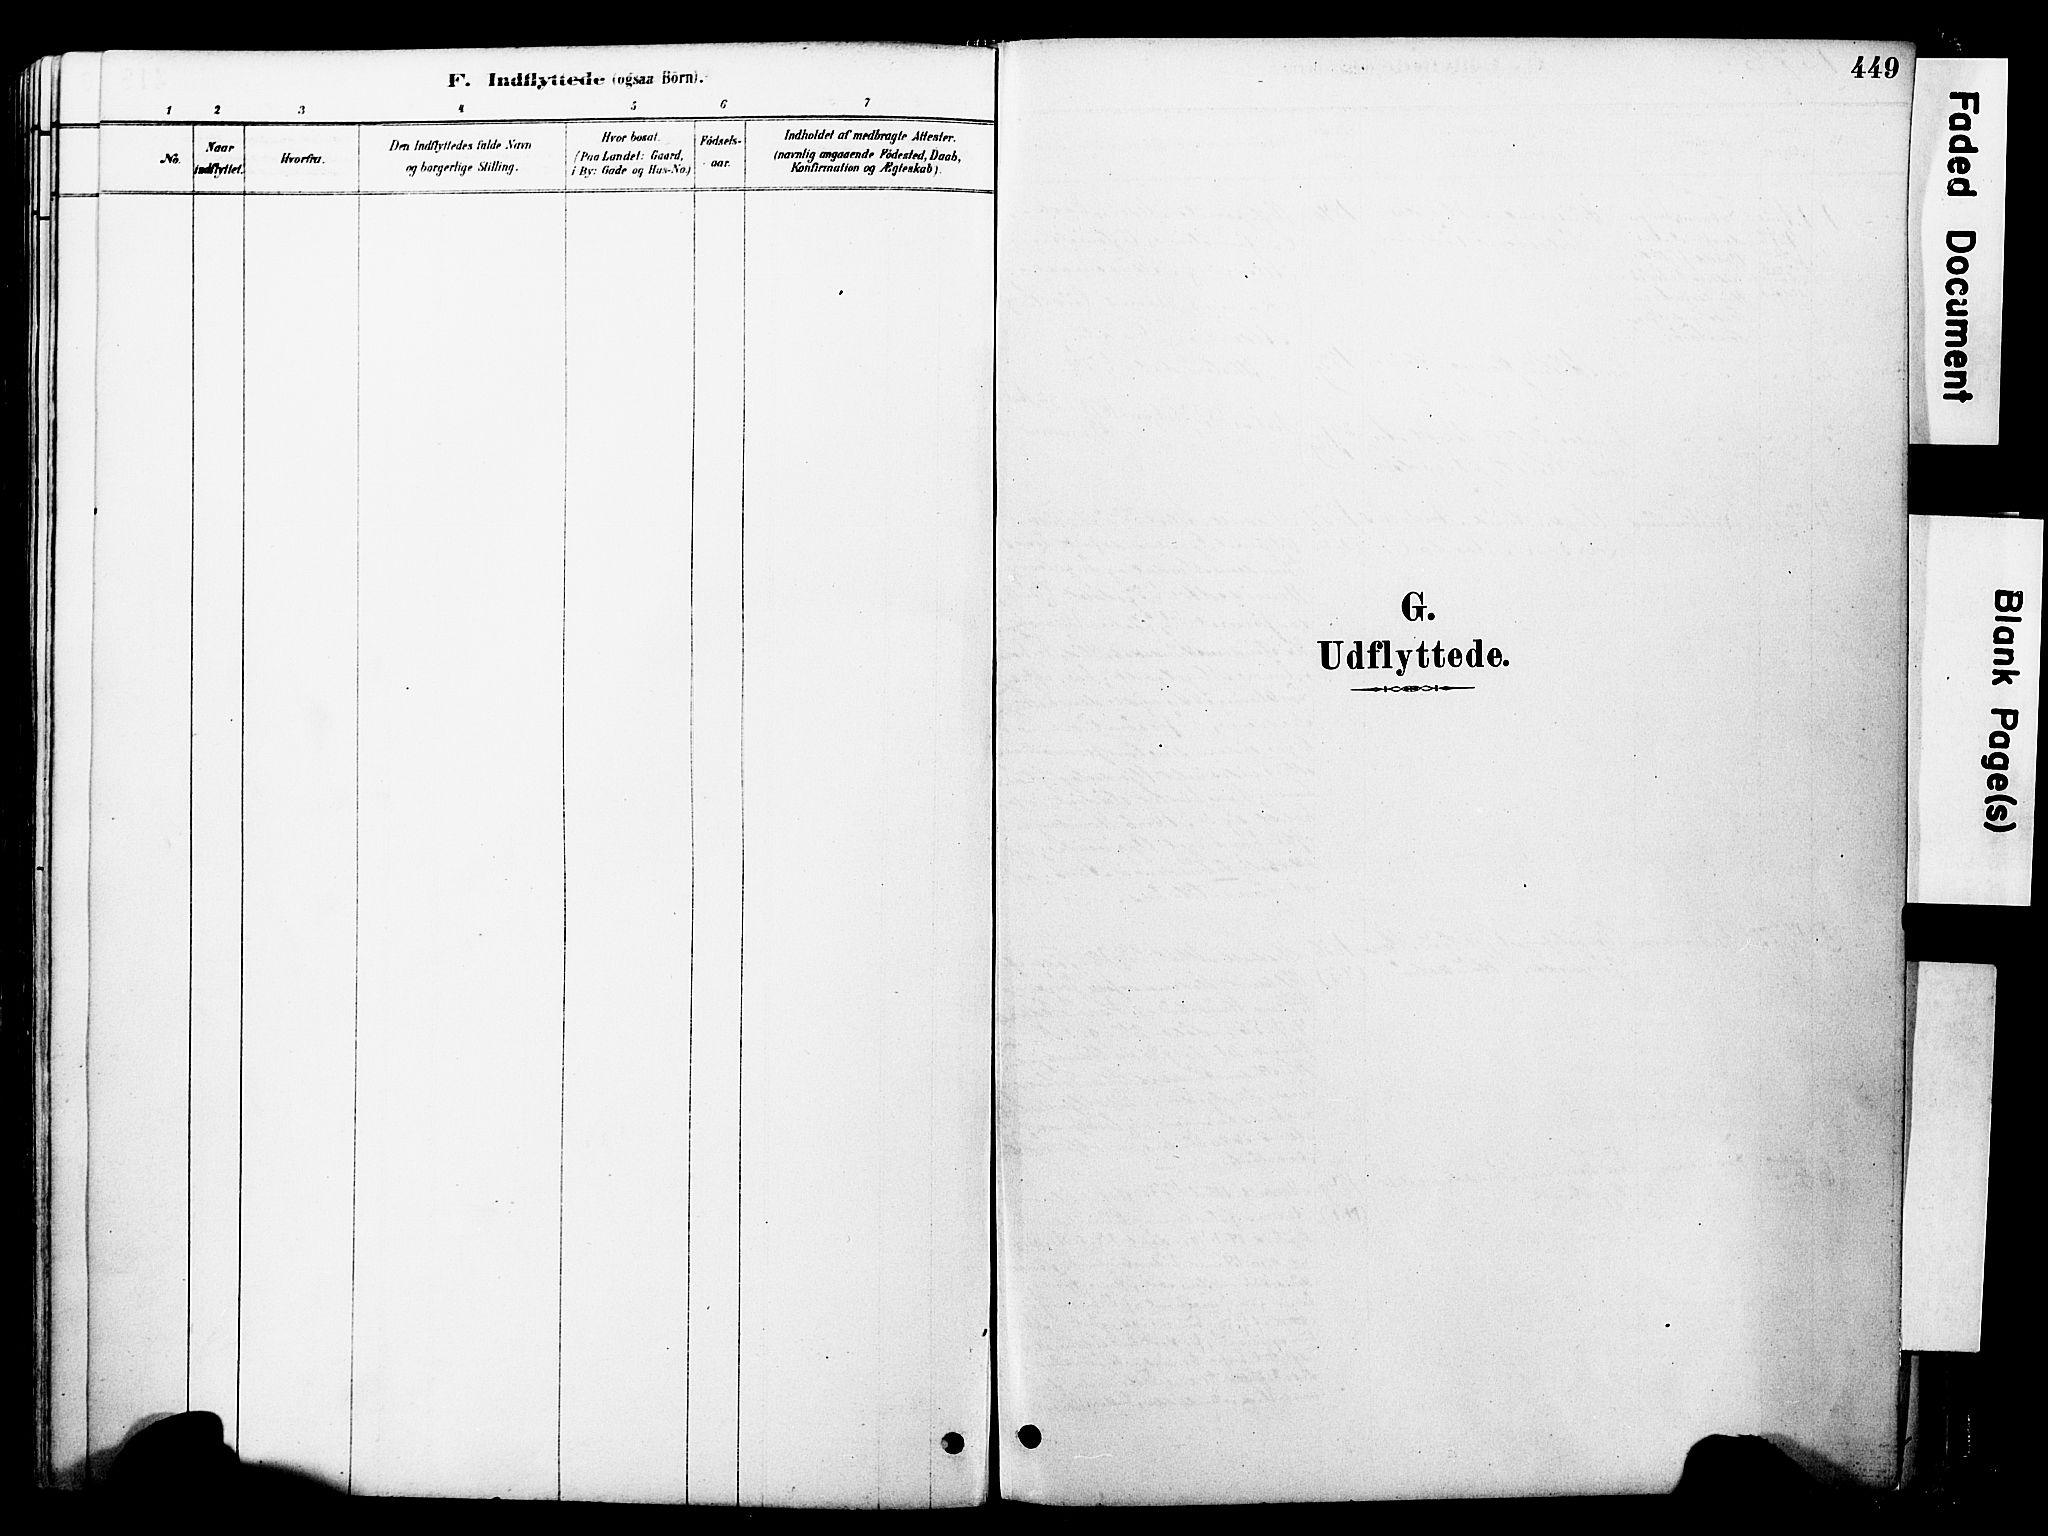 SAT, Ministerialprotokoller, klokkerbøker og fødselsregistre - Møre og Romsdal, 560/L0721: Parish register (official) no. 560A05, 1878-1917, p. 449